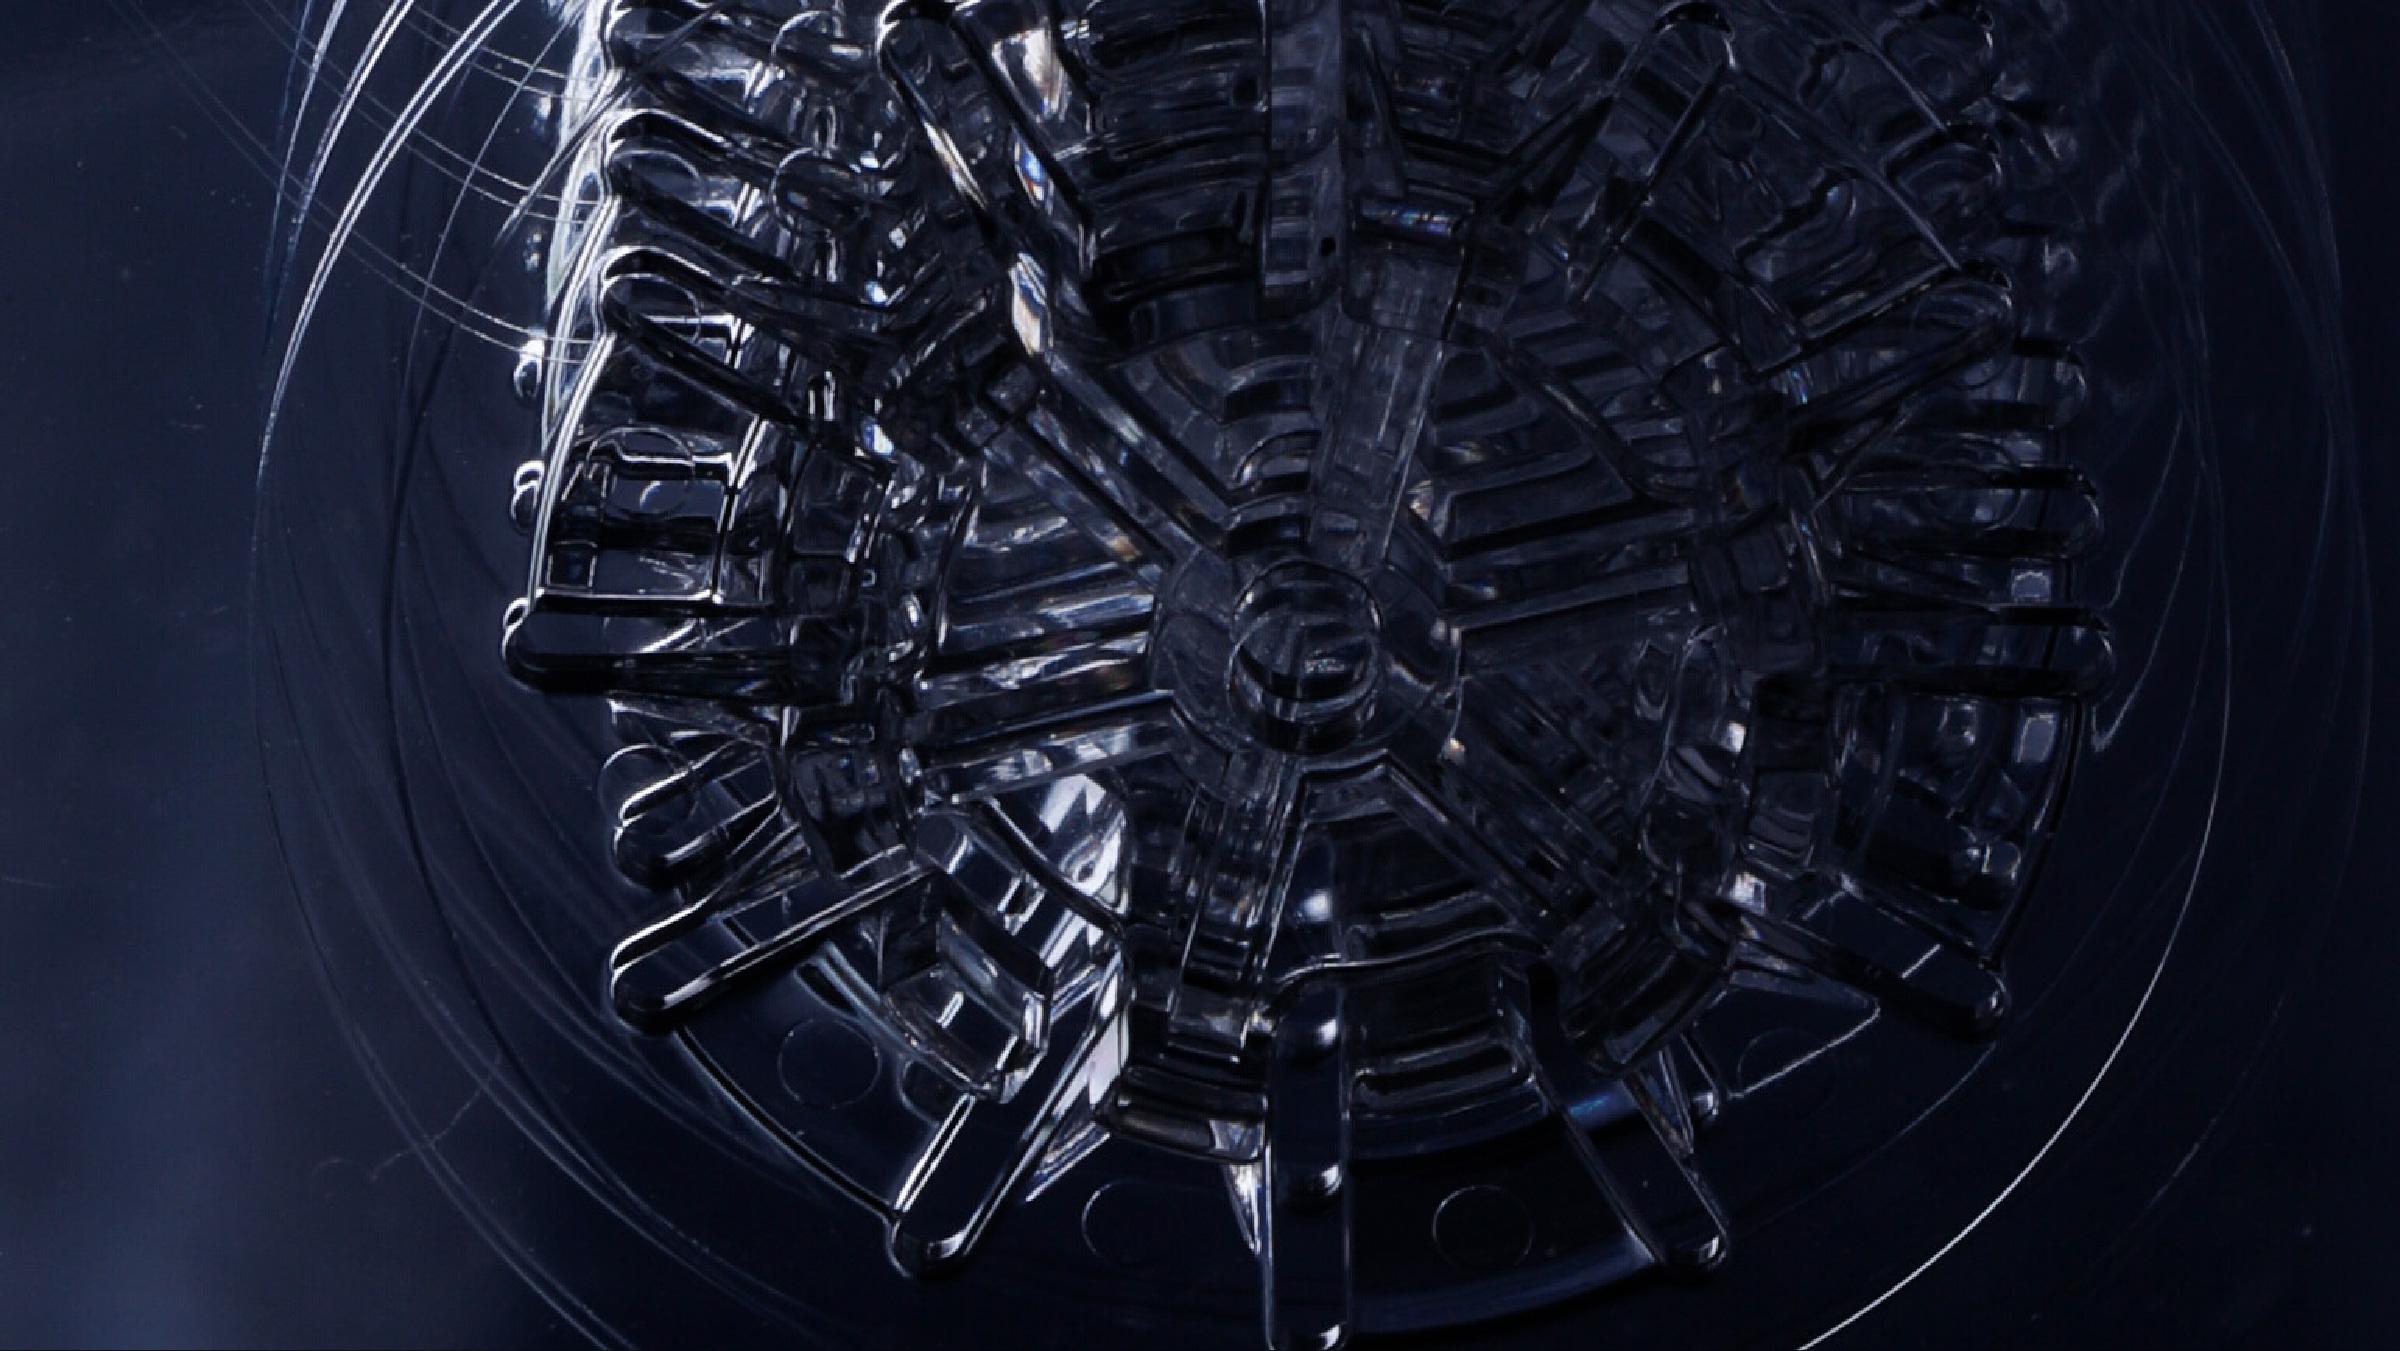 PLASTIC IS 自在にかたちを変え思いのままの造形を描く。